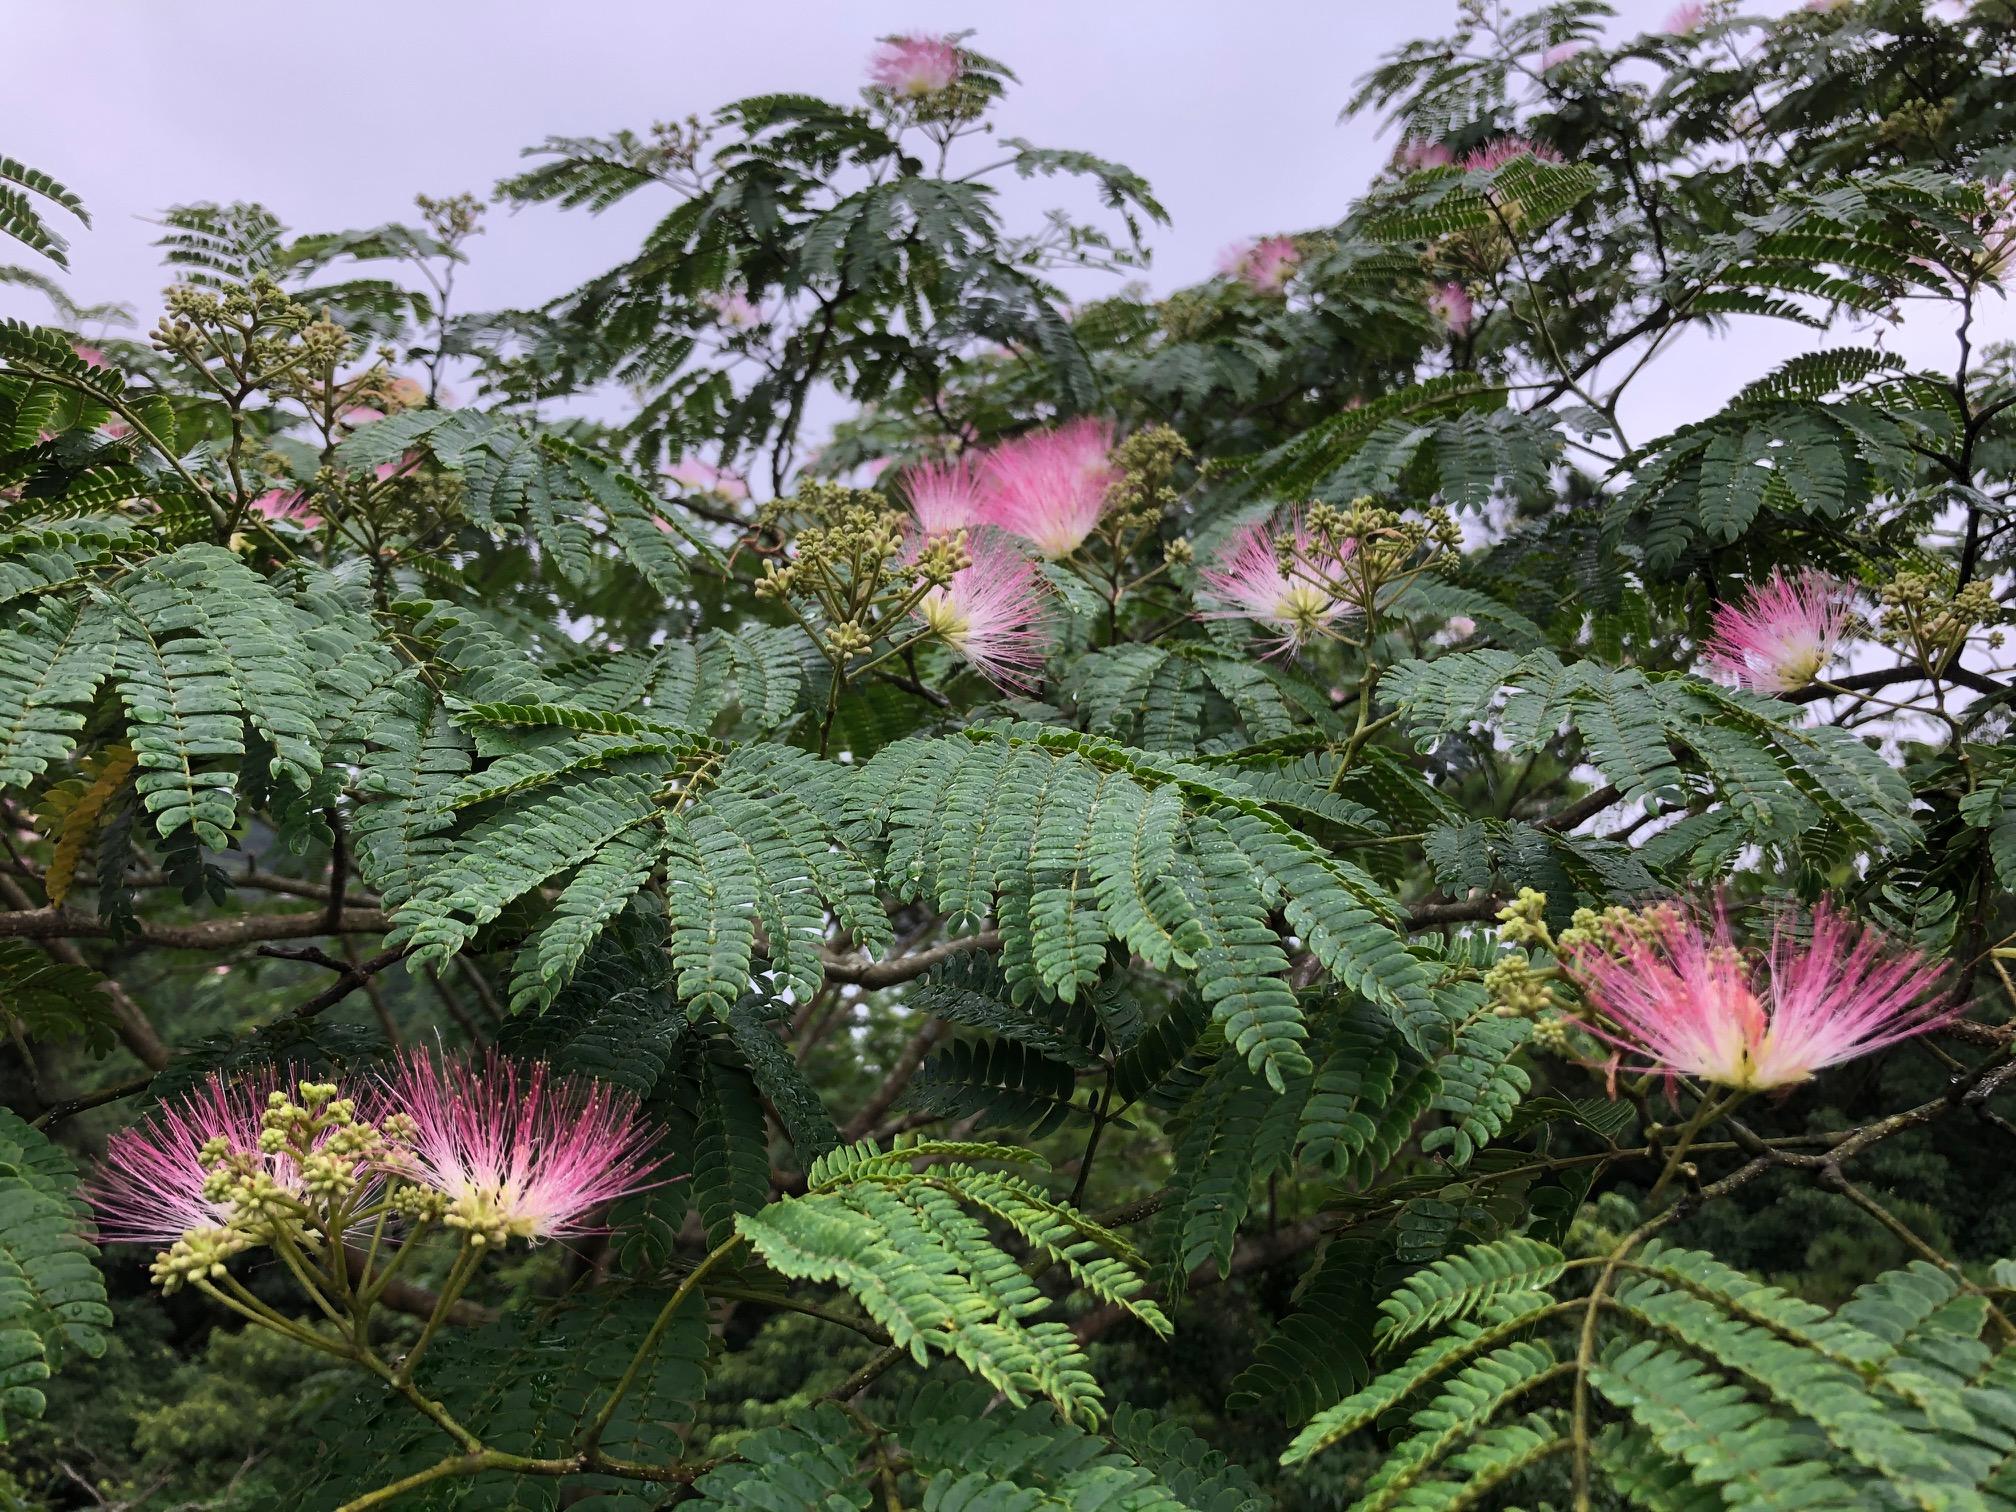 ねむの木の花を見て想うこと。